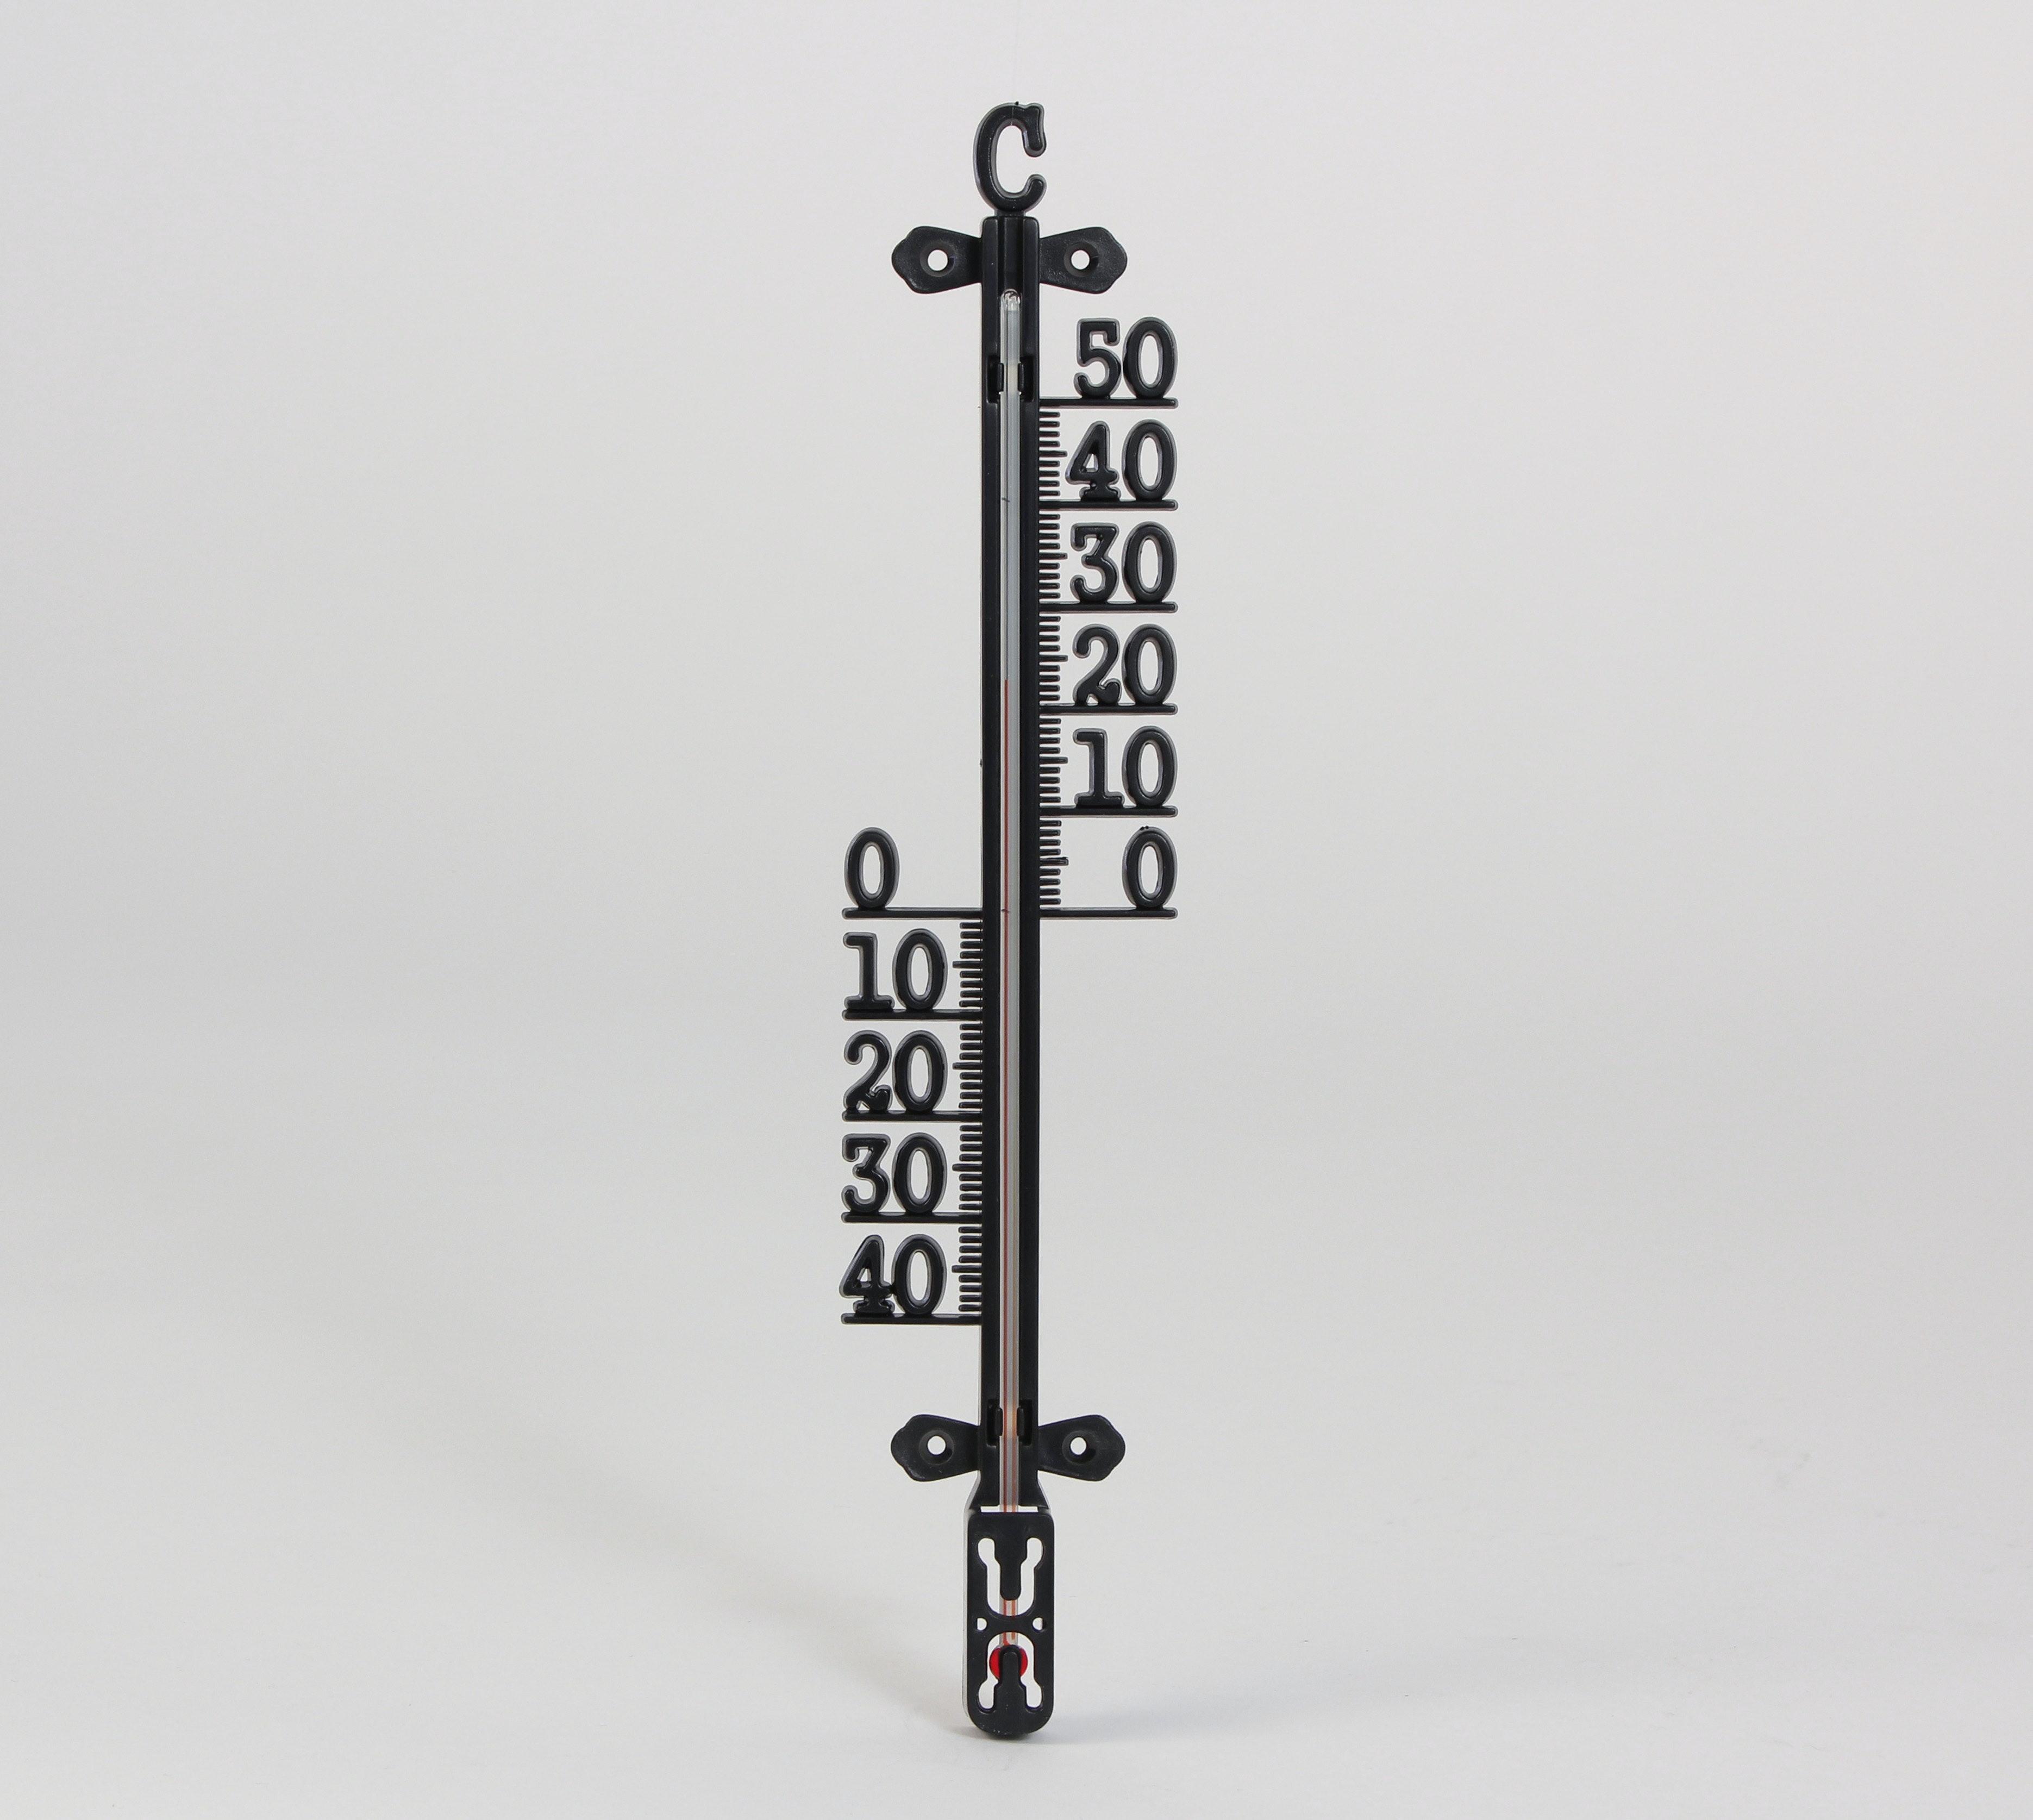 Termometer Cofa För Inne Och Ute Svart 420mm